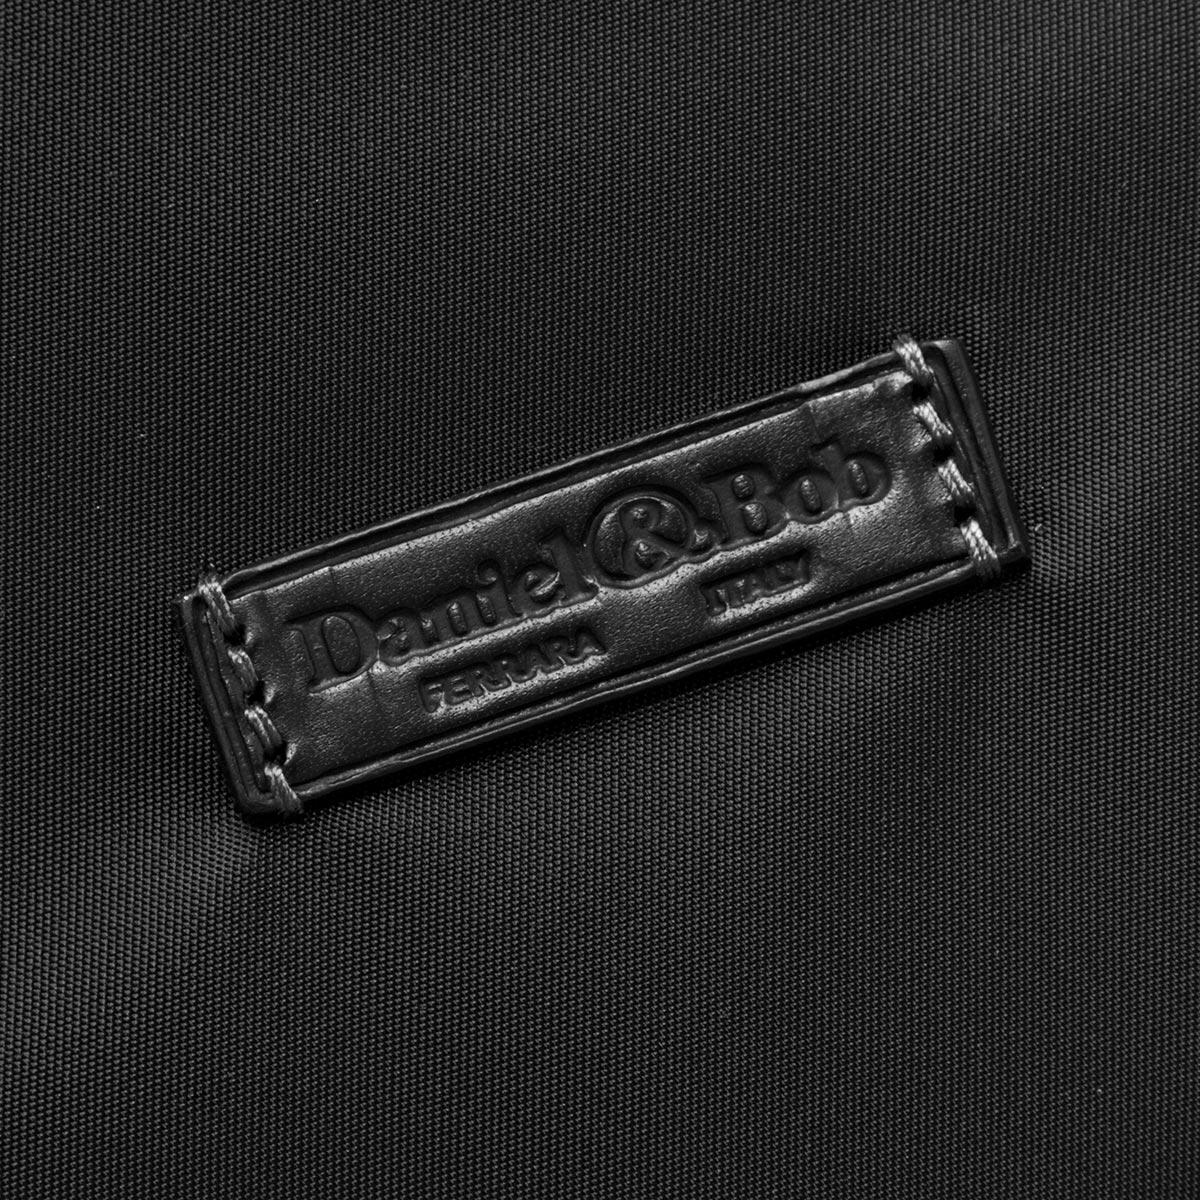 ダニエル&ボブ ビジネスバッグ バッグ メンズ カルレット デイビス×アルチェ ブラック DABT030 1701 9999 DANIEL&BOB